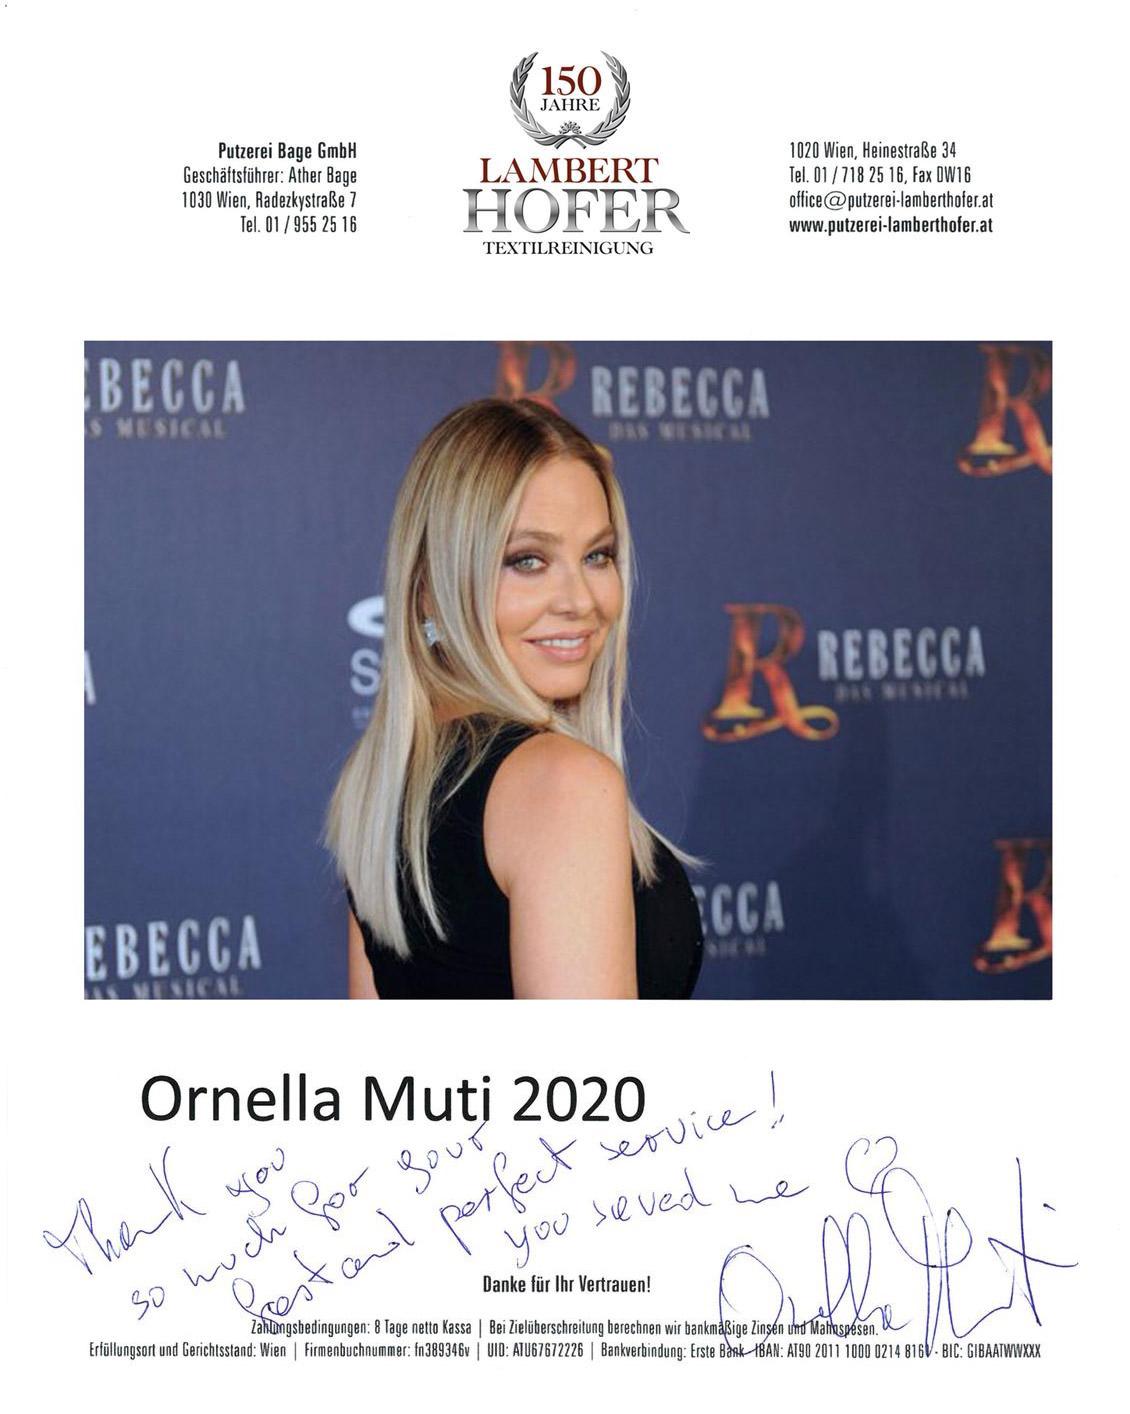 Ornella Muti - Opernball 2020